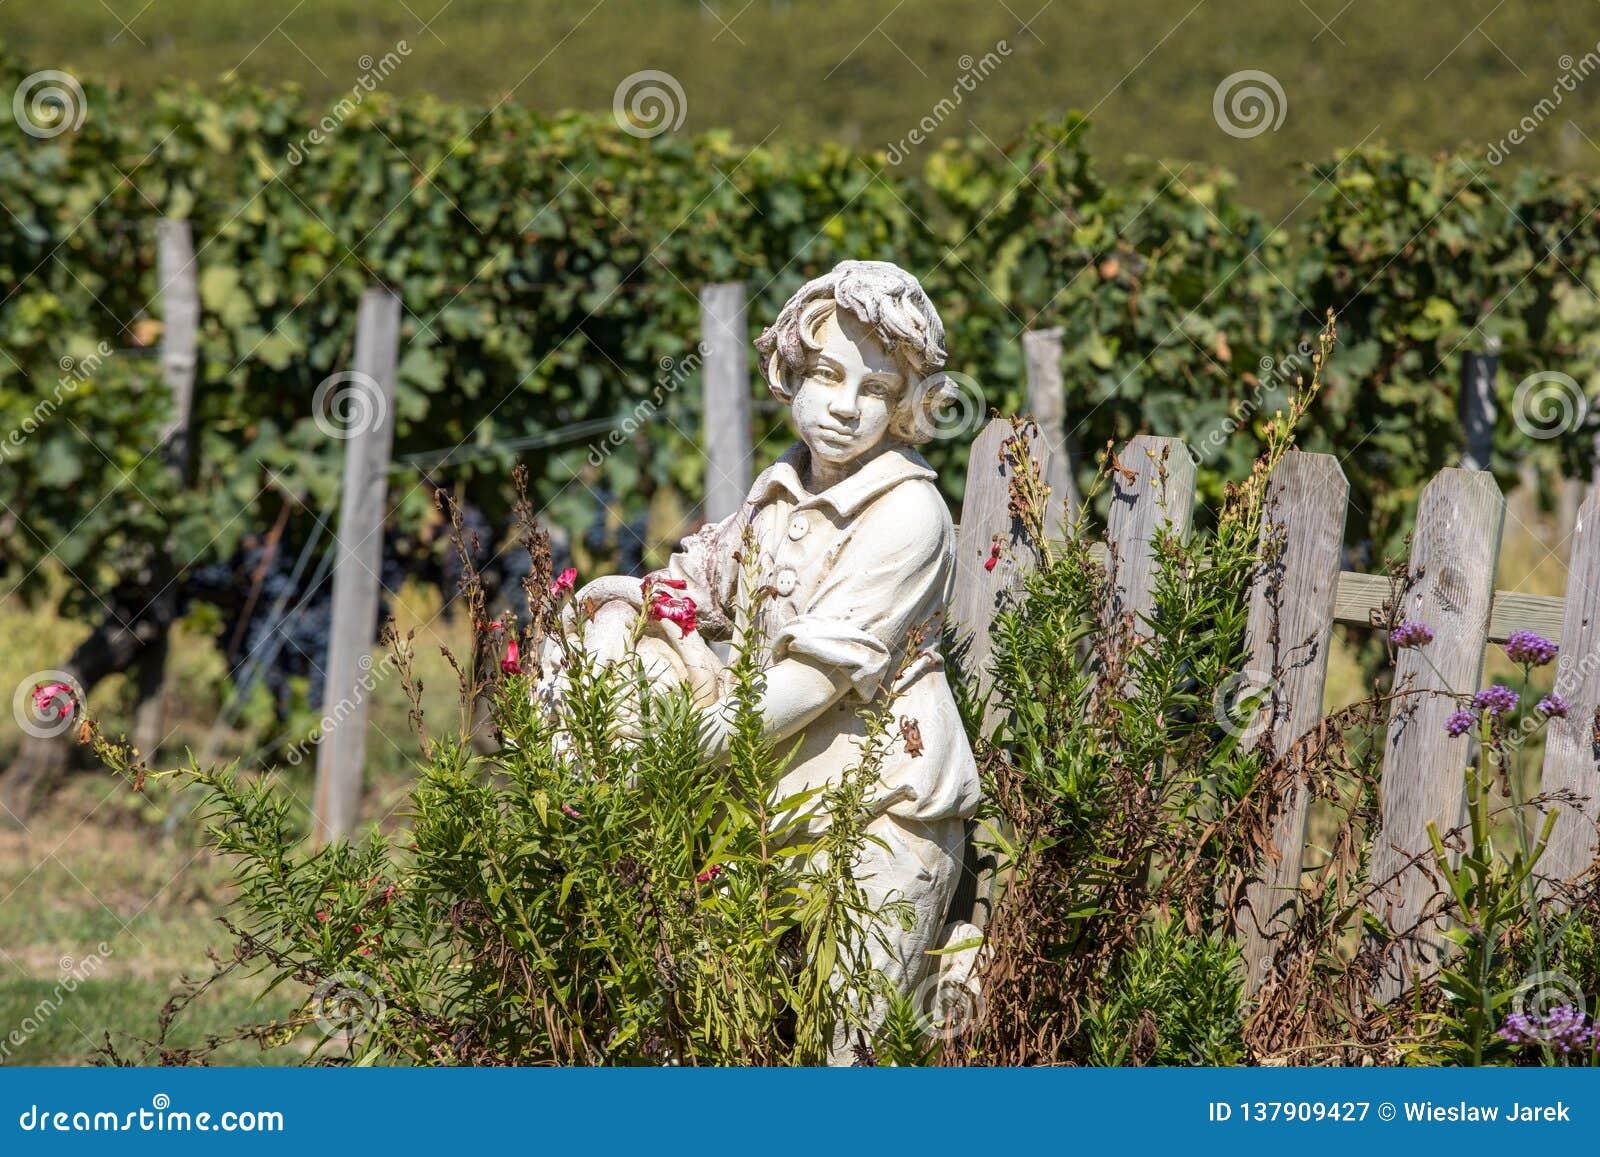 Άγαλμα ενός αγοριού που κρατά ένα καλάθι με τα σταφύλια στο υπόβαθρο των αμπελώνων στην περιοχή Αγίου Emilion